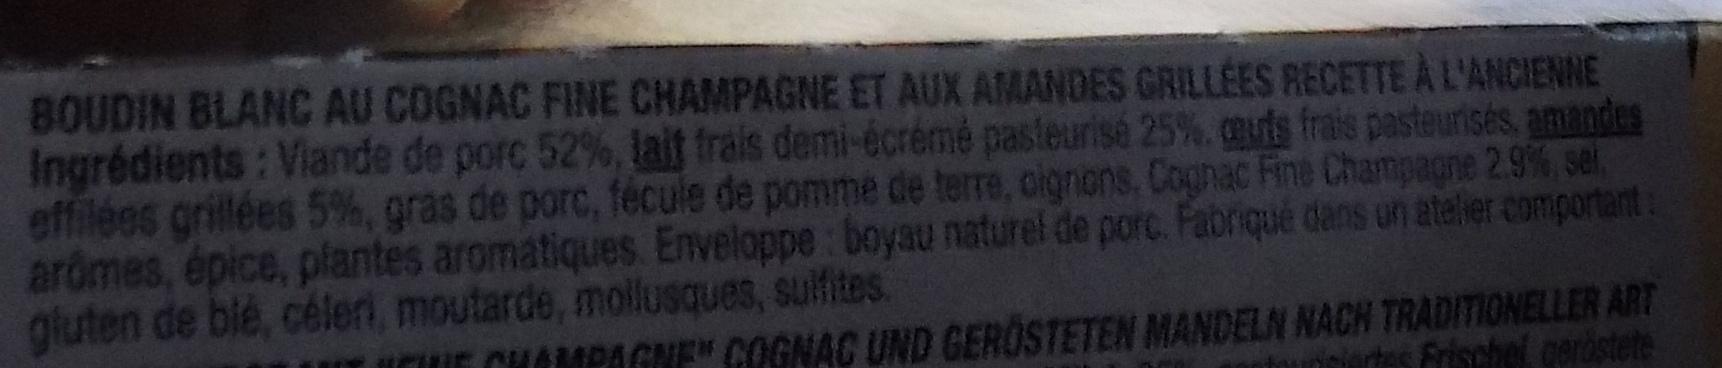 Boudin Blanc Cognac Fine Champagne et Amandes grillées - Ingredients